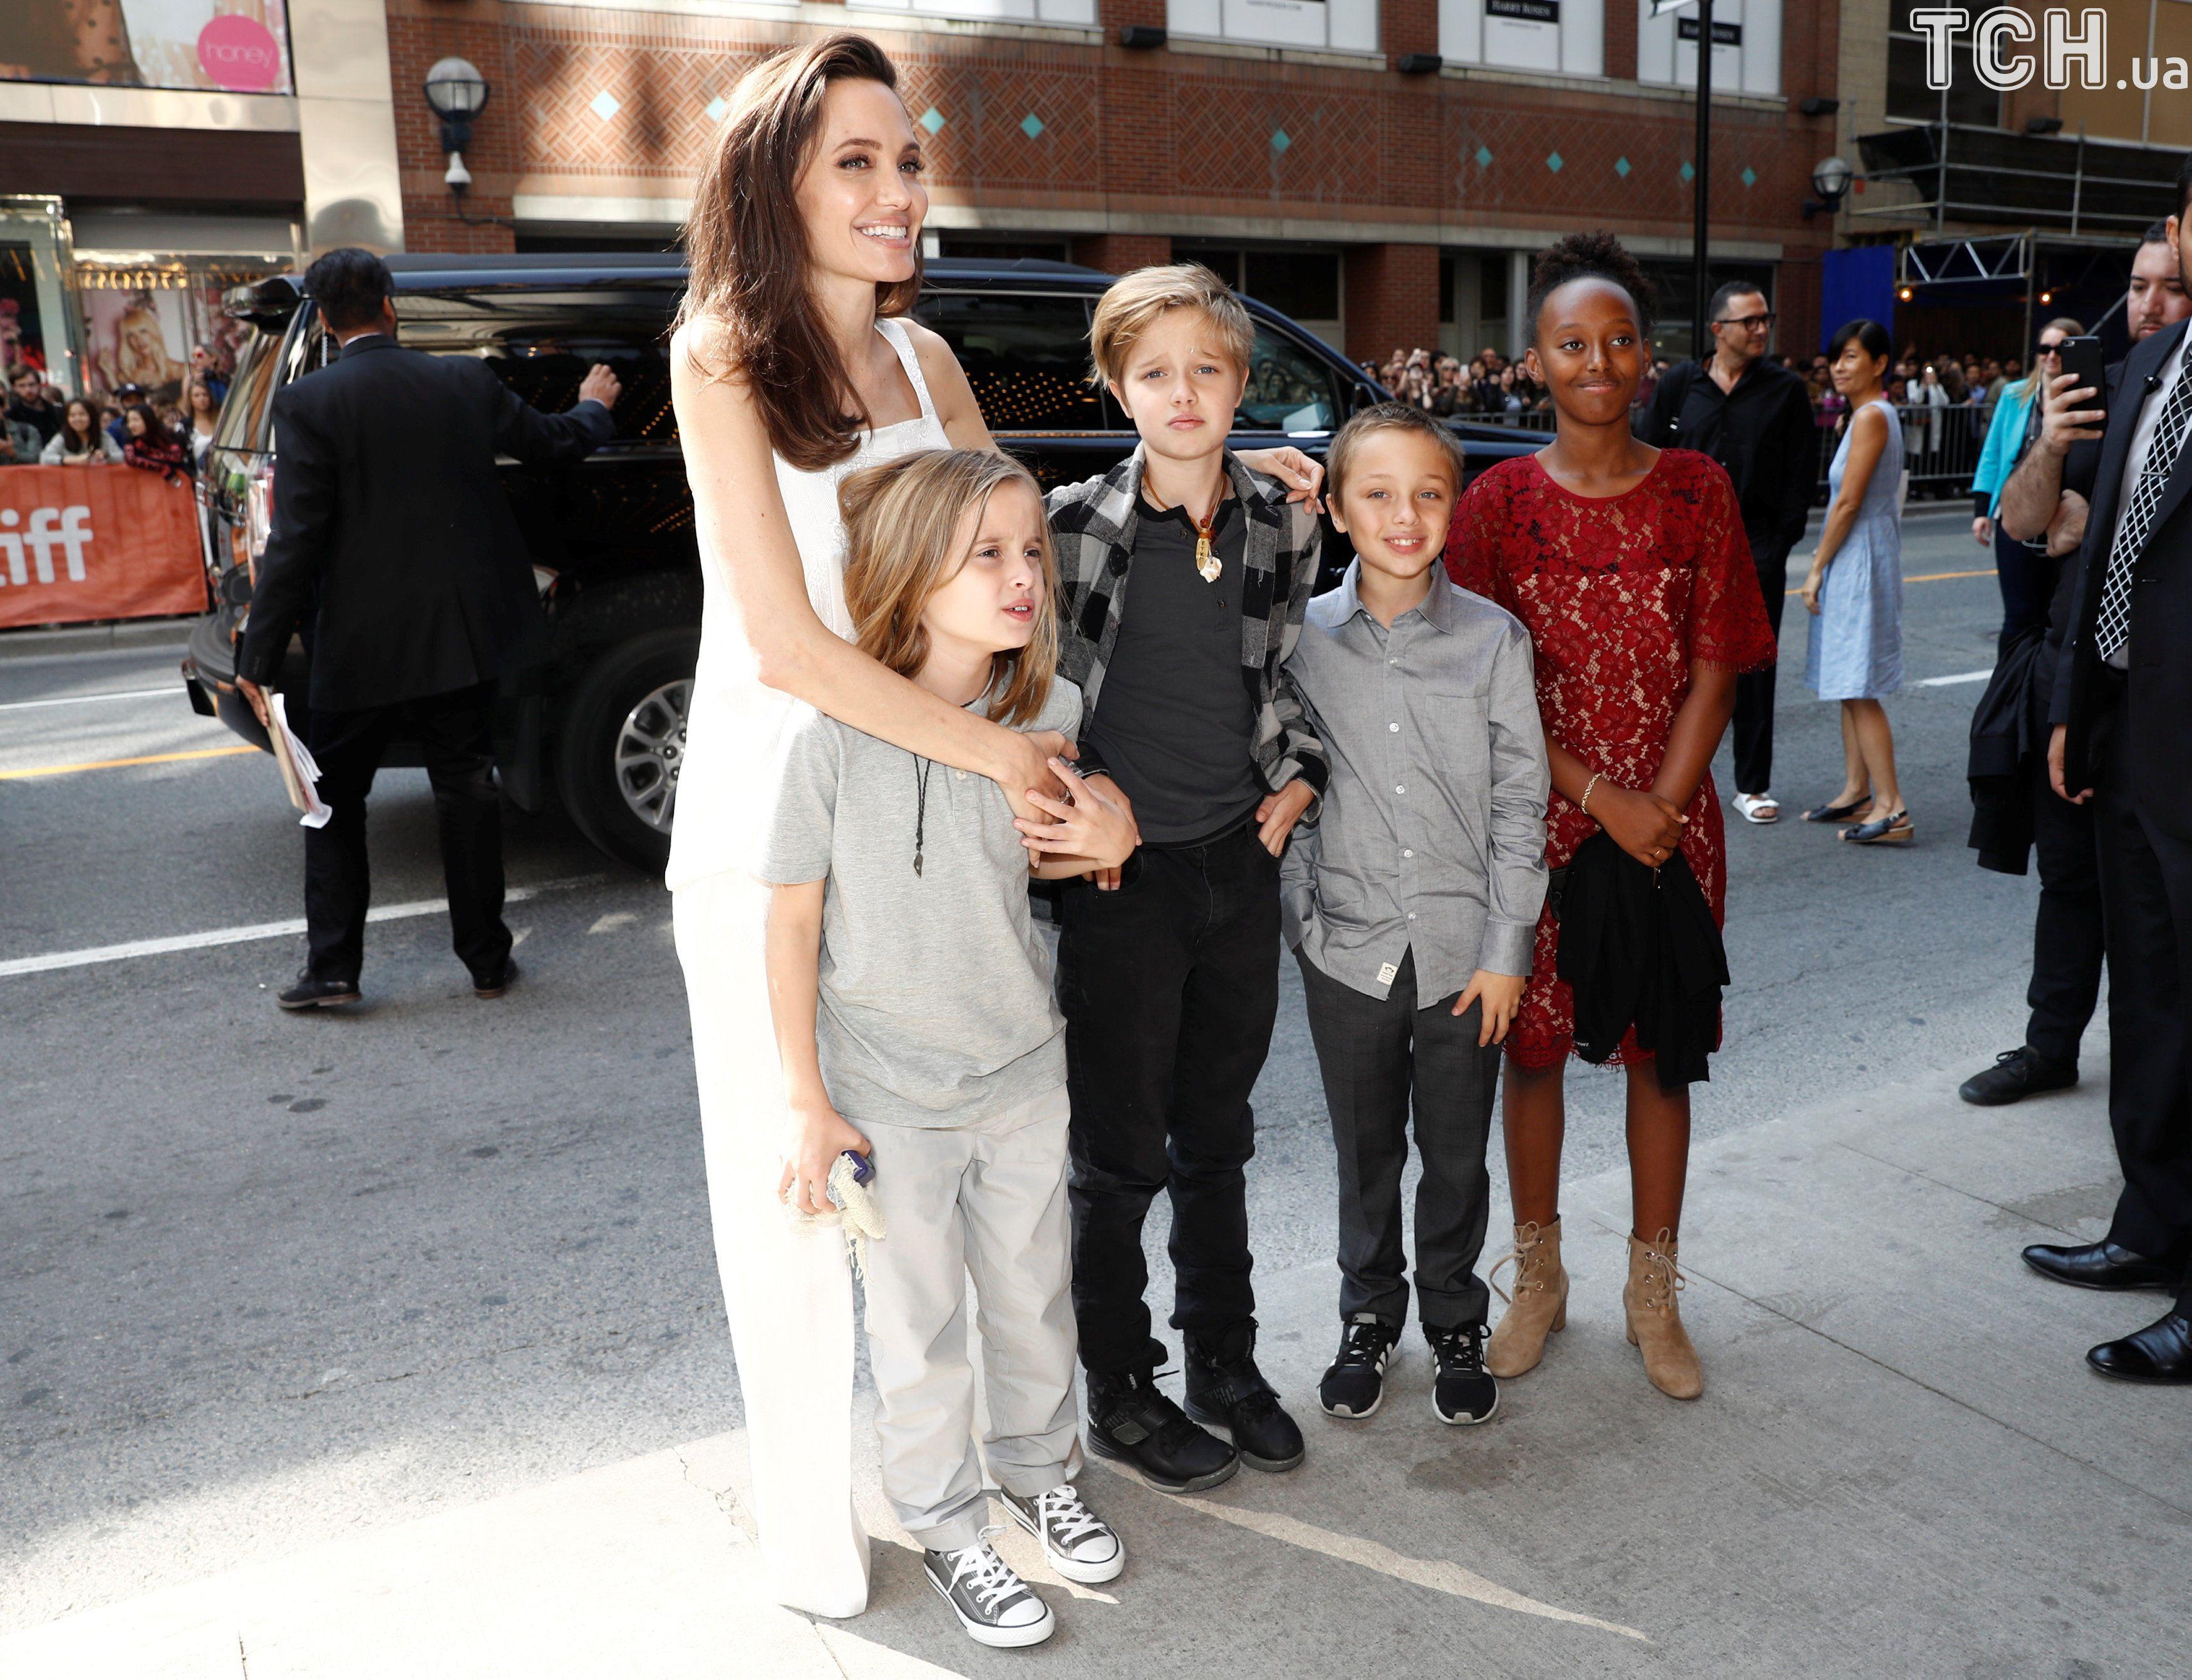 Джолі з дітьми в Торонто_2